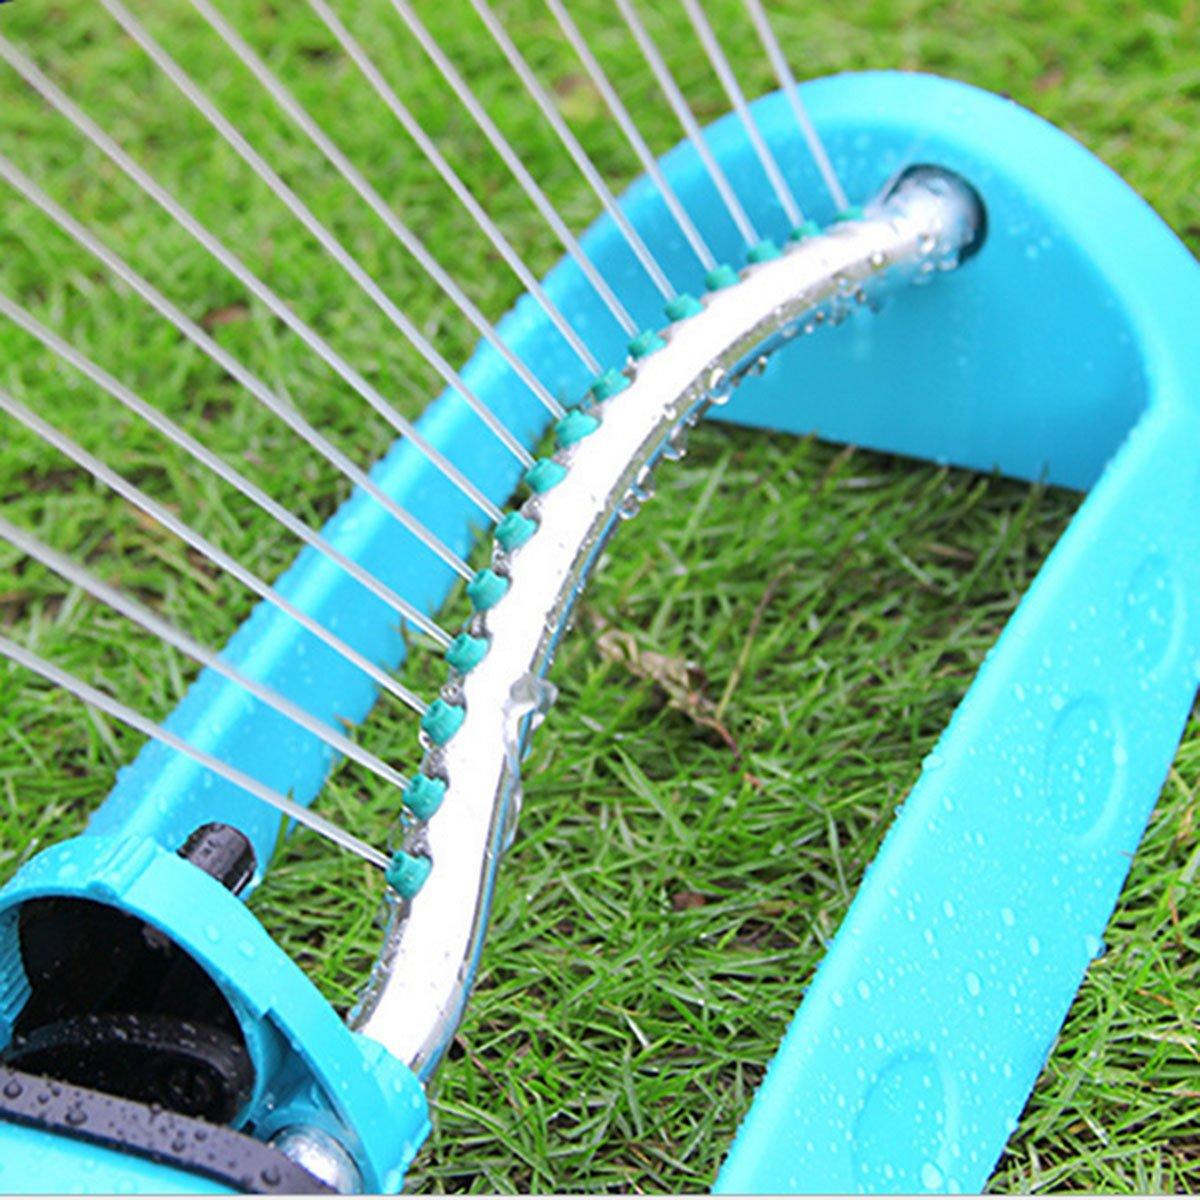 bauewyhui granja jardín riego, amplia Swing asiento disco aspersores, jardín césped riego, agua Spray de refrigeración: Amazon.es: Jardín